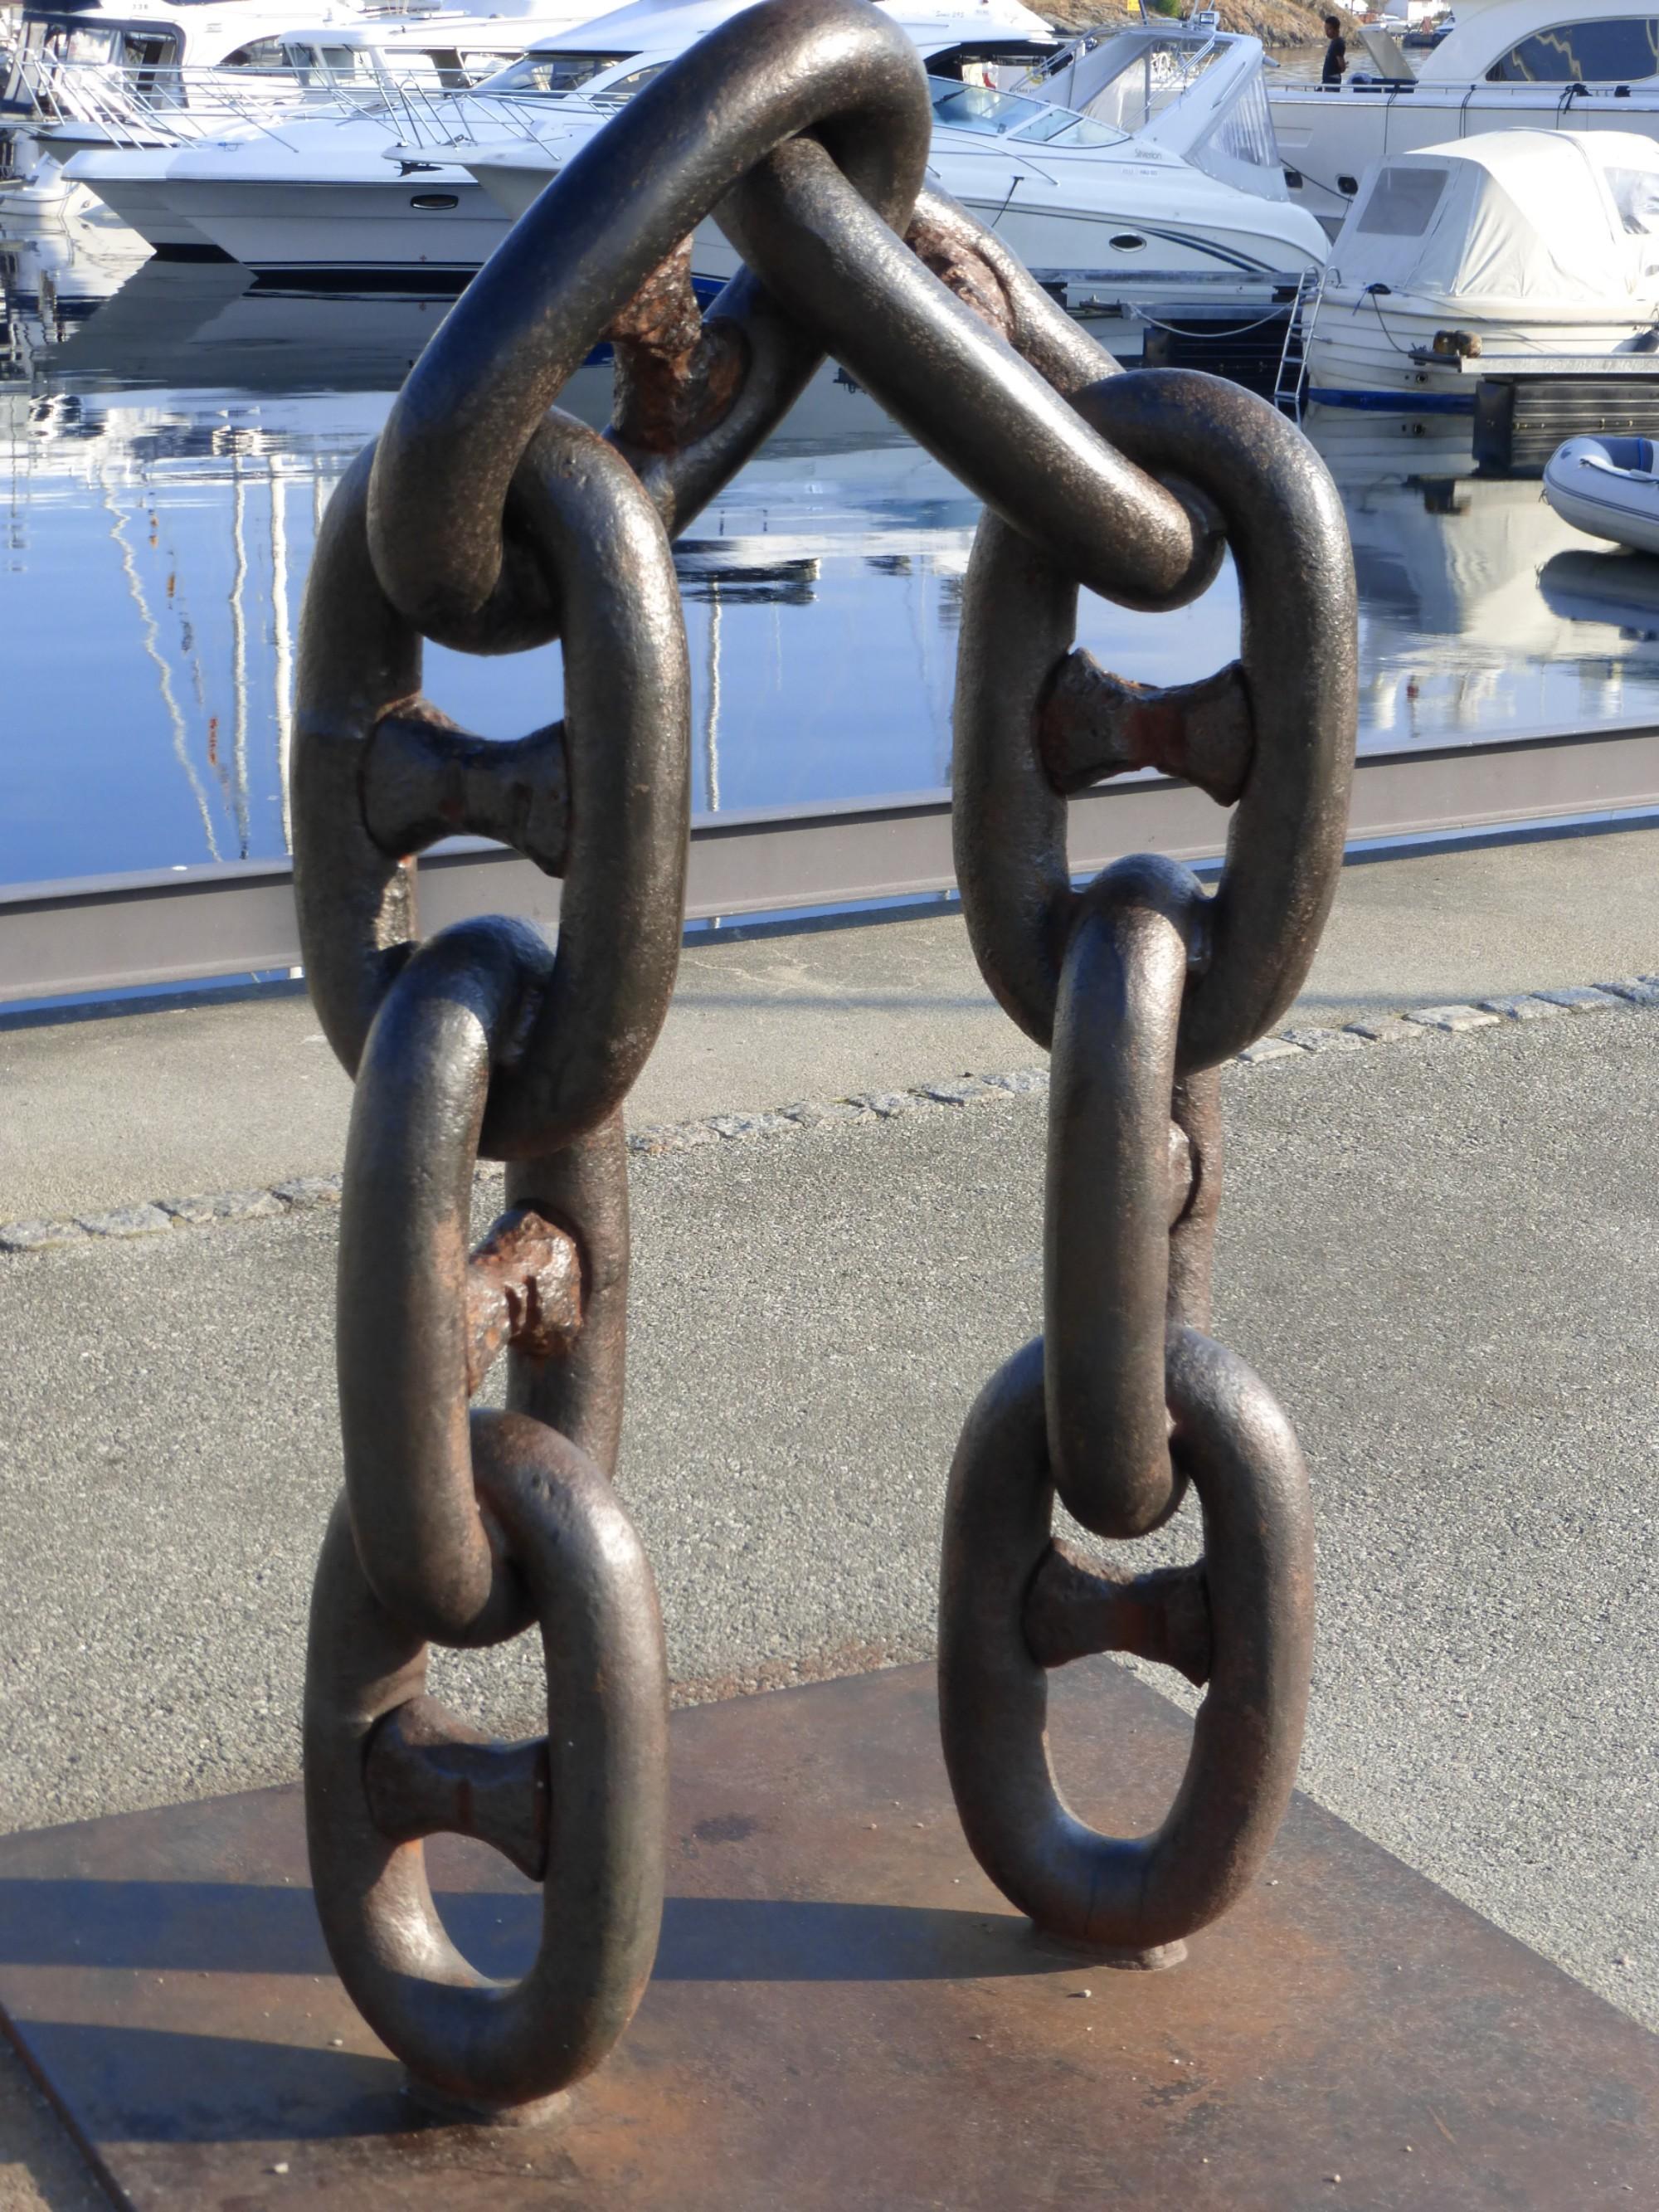 anchor chain stavanger norway